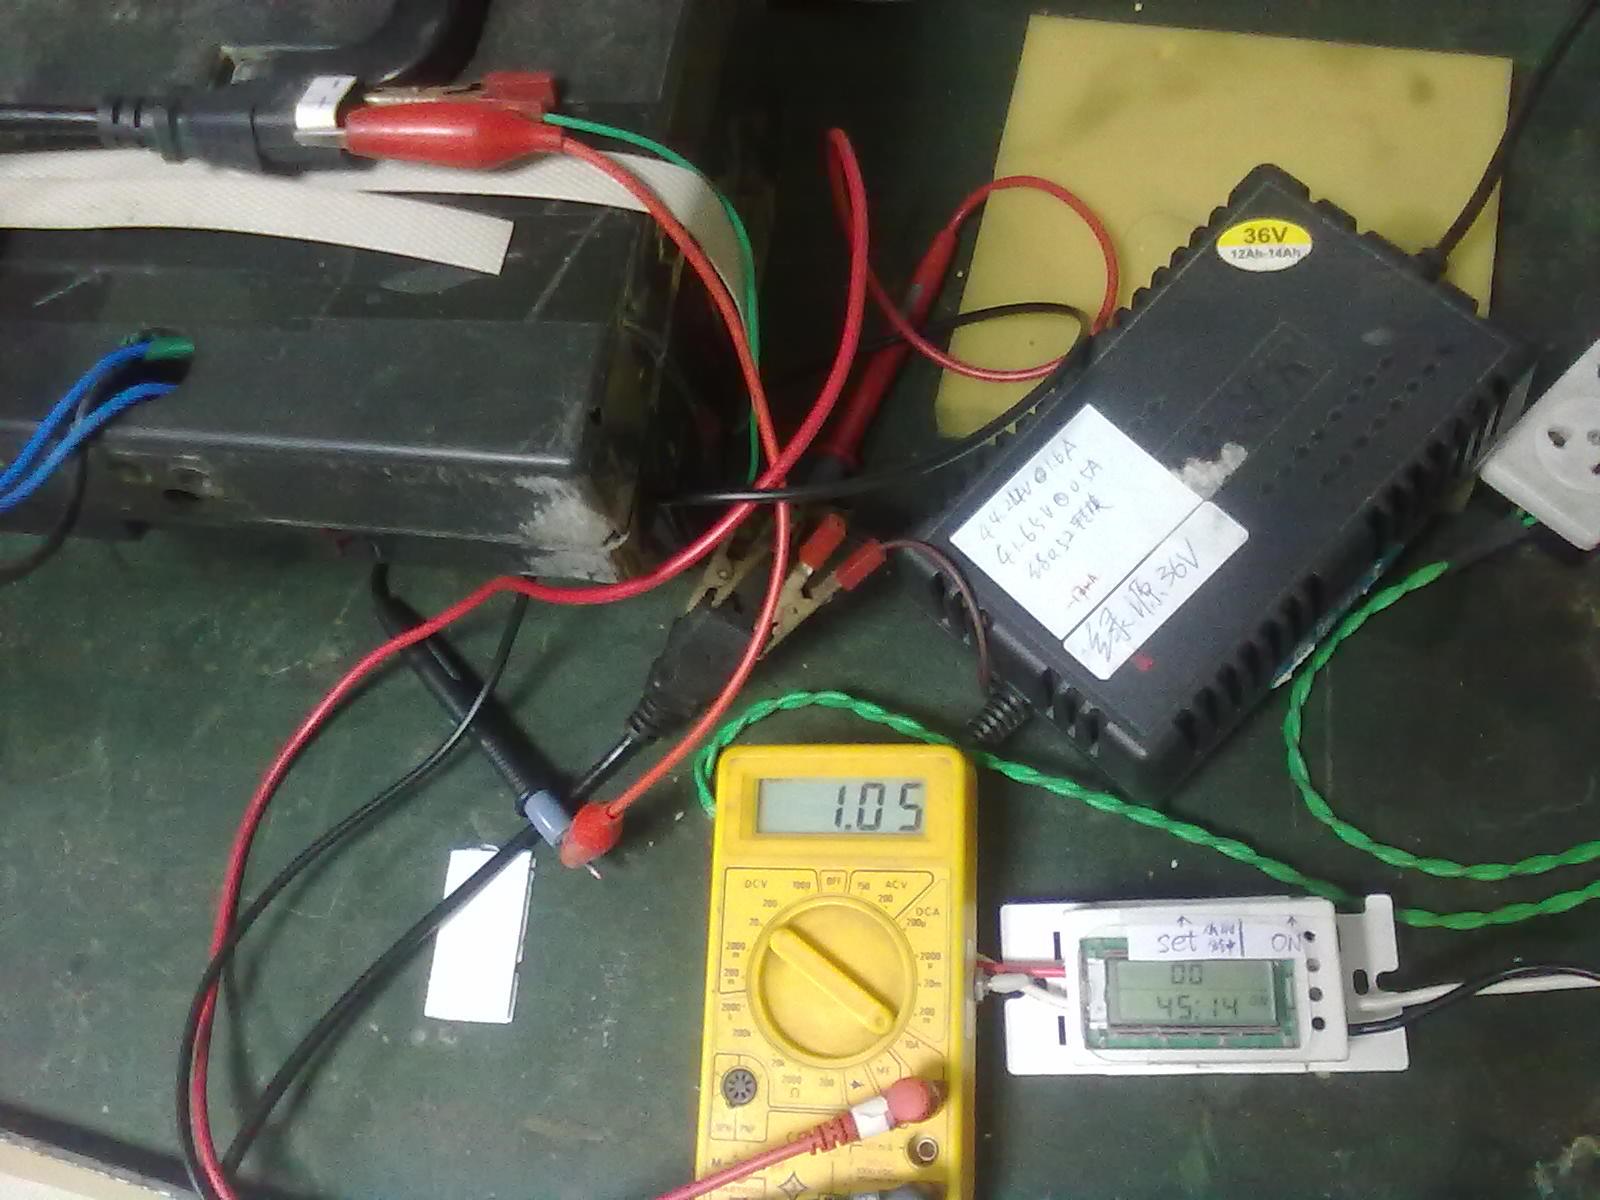 我也碰到过楼主的问题.好像新换电池,有时也会有不转灯的情况. 时间再长一点,我没有试(因为按充电电流及时间去计算. 充电5~6小时后,应该就会转灯的. 实际却没有转灯. 但拔一下交流输入的插头,再插回去, 就又变绿灯了) . 充电器没有问题,(因为用电子负载测,当电流下降到某个值,会转绿灯).